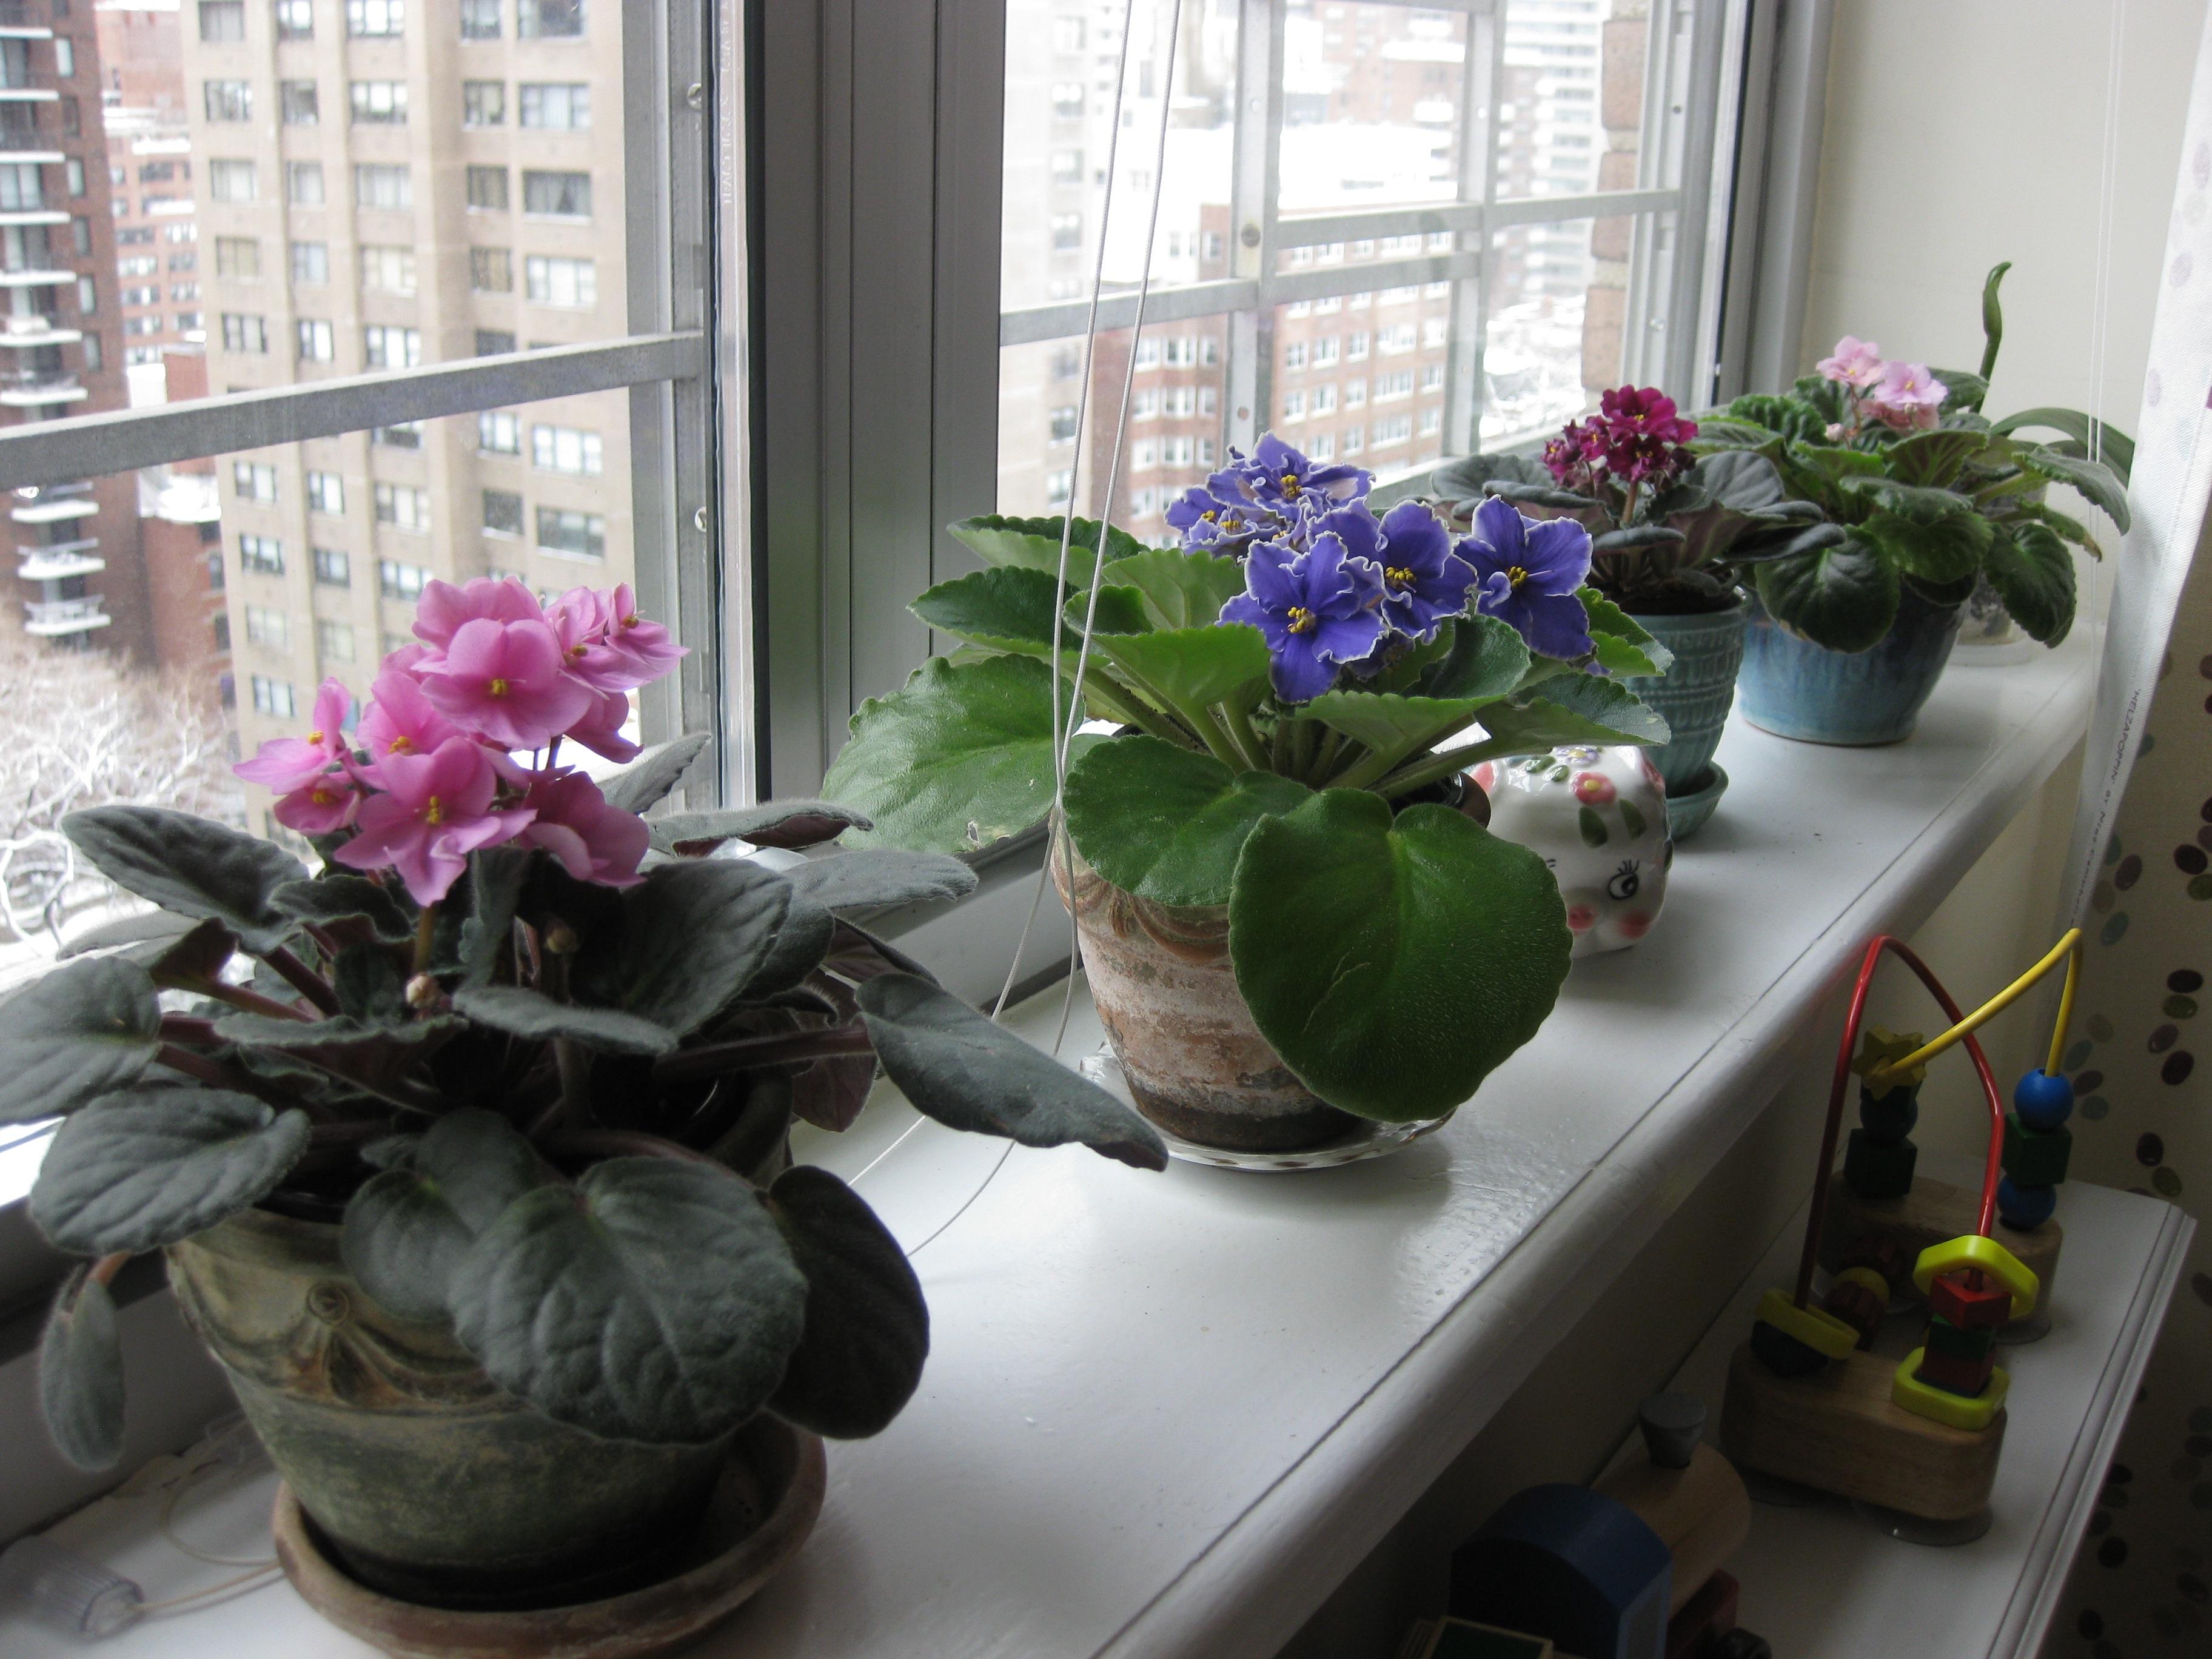 flori de apartament usor de ingrijit sfaturi poze si denumiri sera de flori camelia 39 s. Black Bedroom Furniture Sets. Home Design Ideas